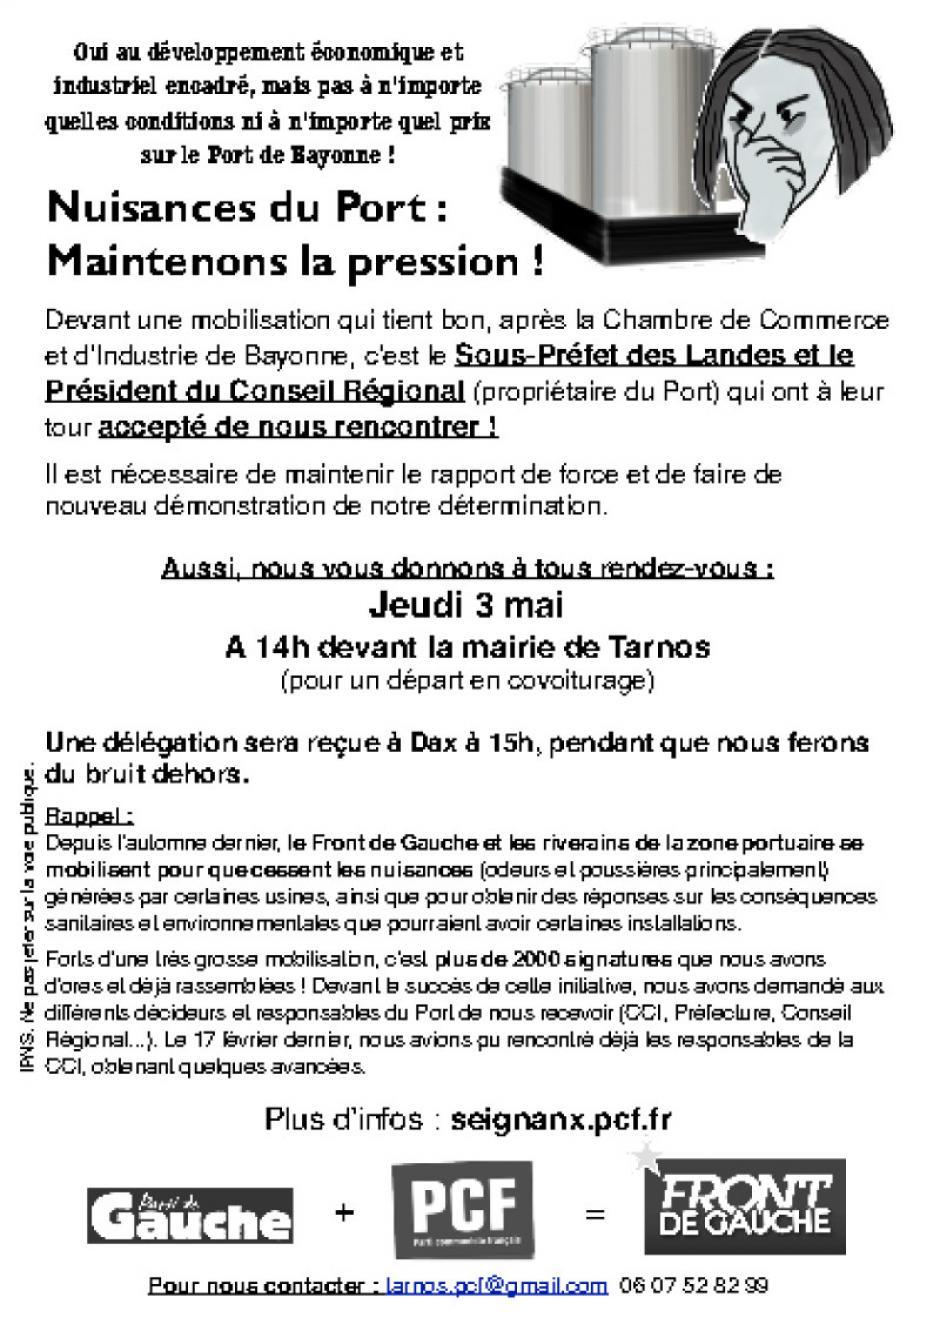 Nuisances du Port : Nous maintenons la pression !